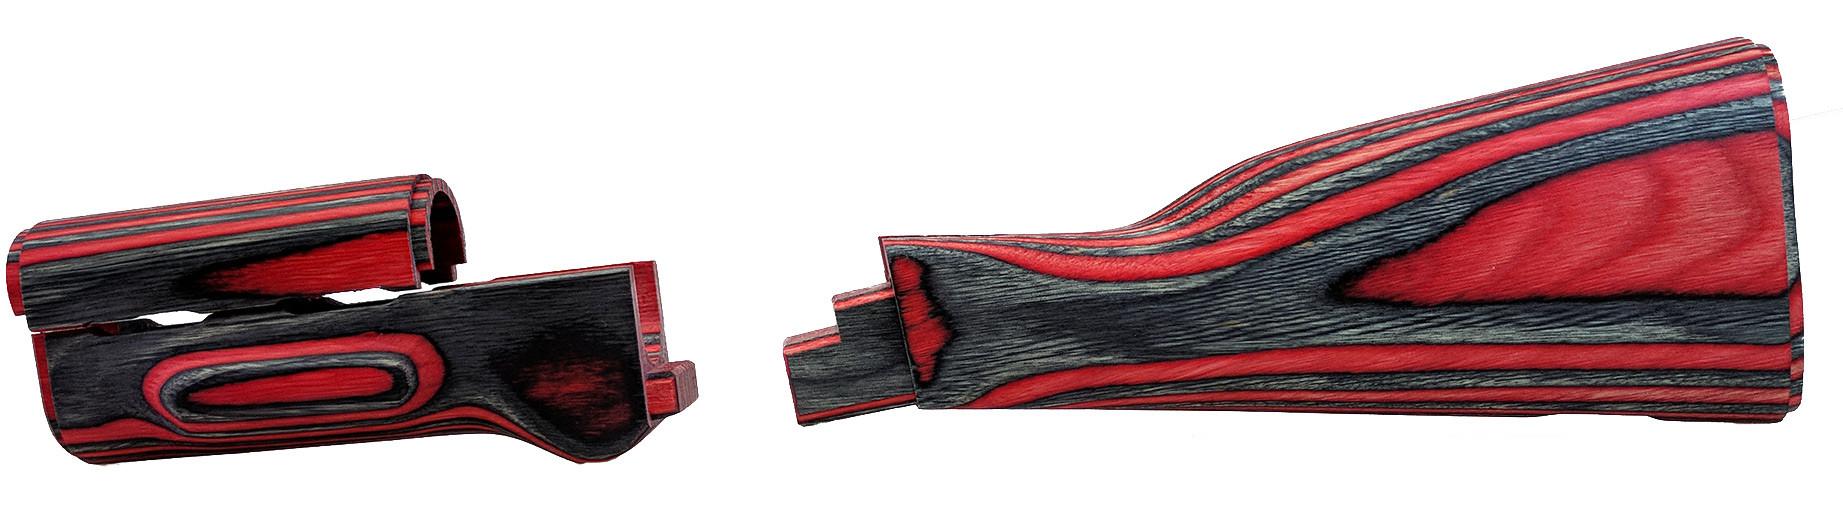 AK Laminated Furniture Set, Red, w/o Grip, *NEW*